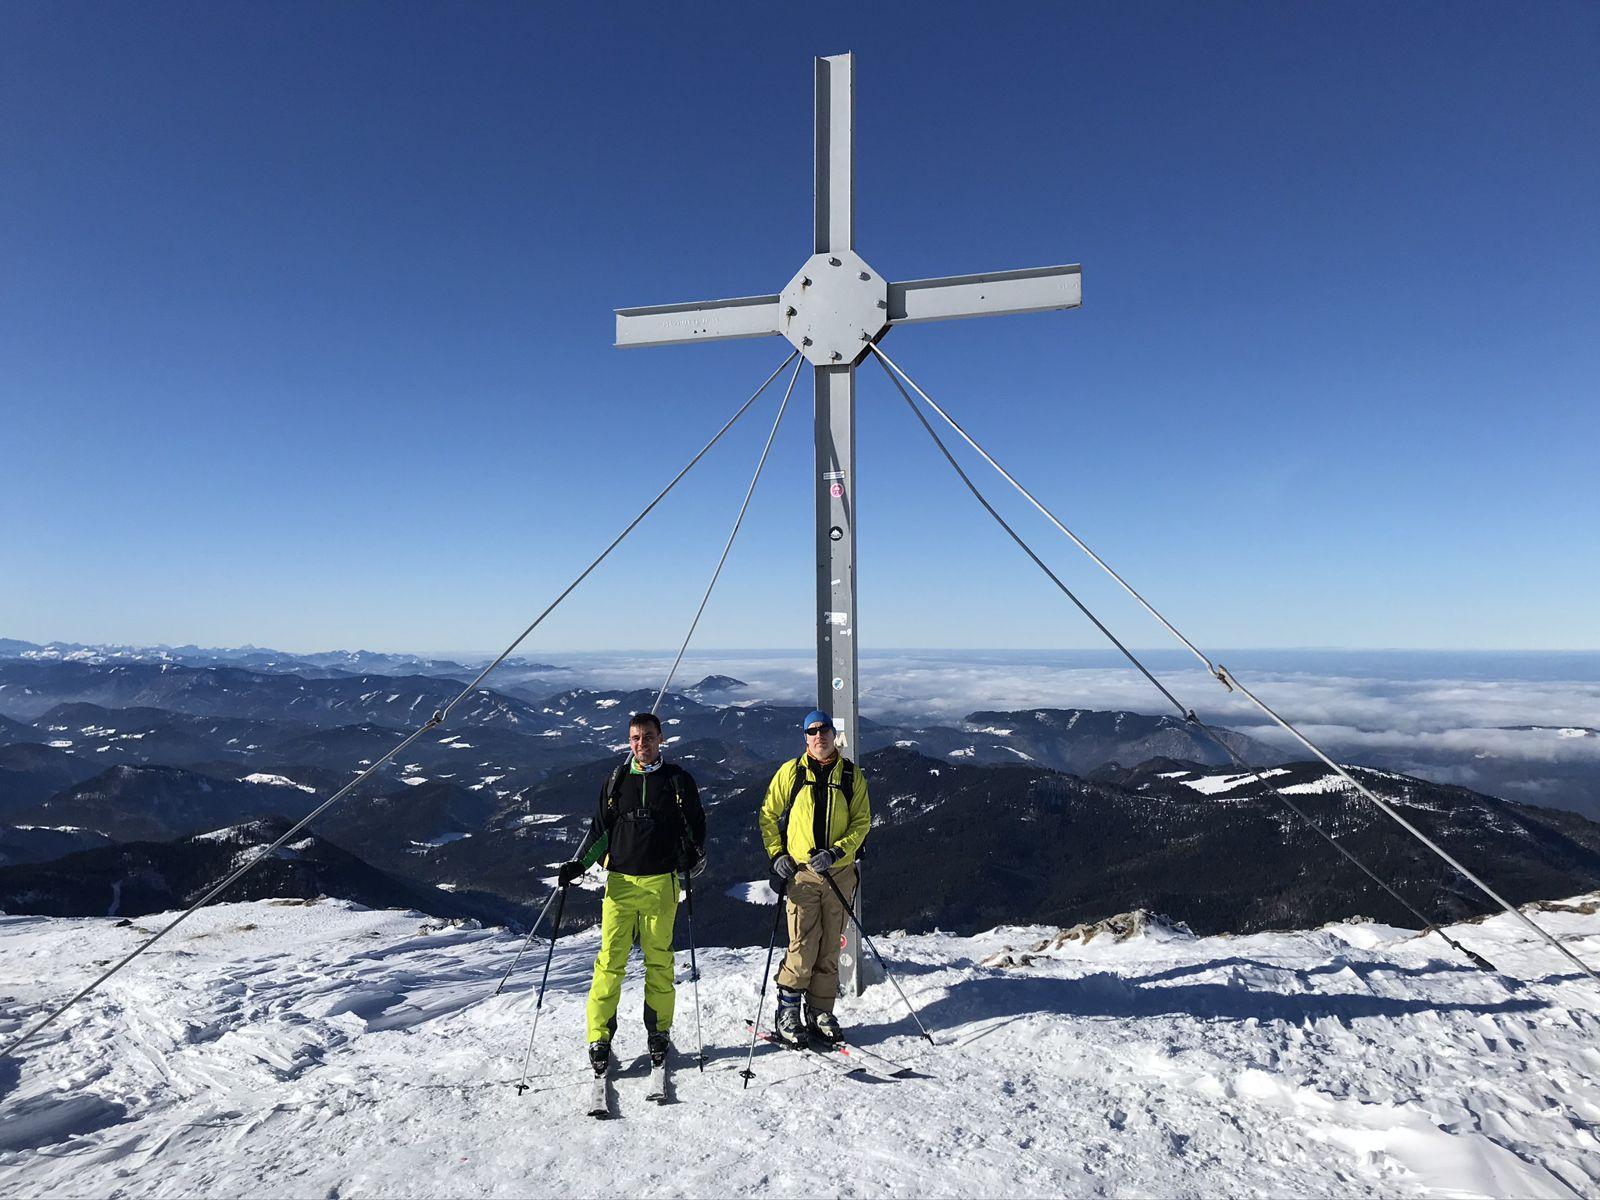 Megérdemelt csúcsfotó a keresztnél - Ötscher sítúra